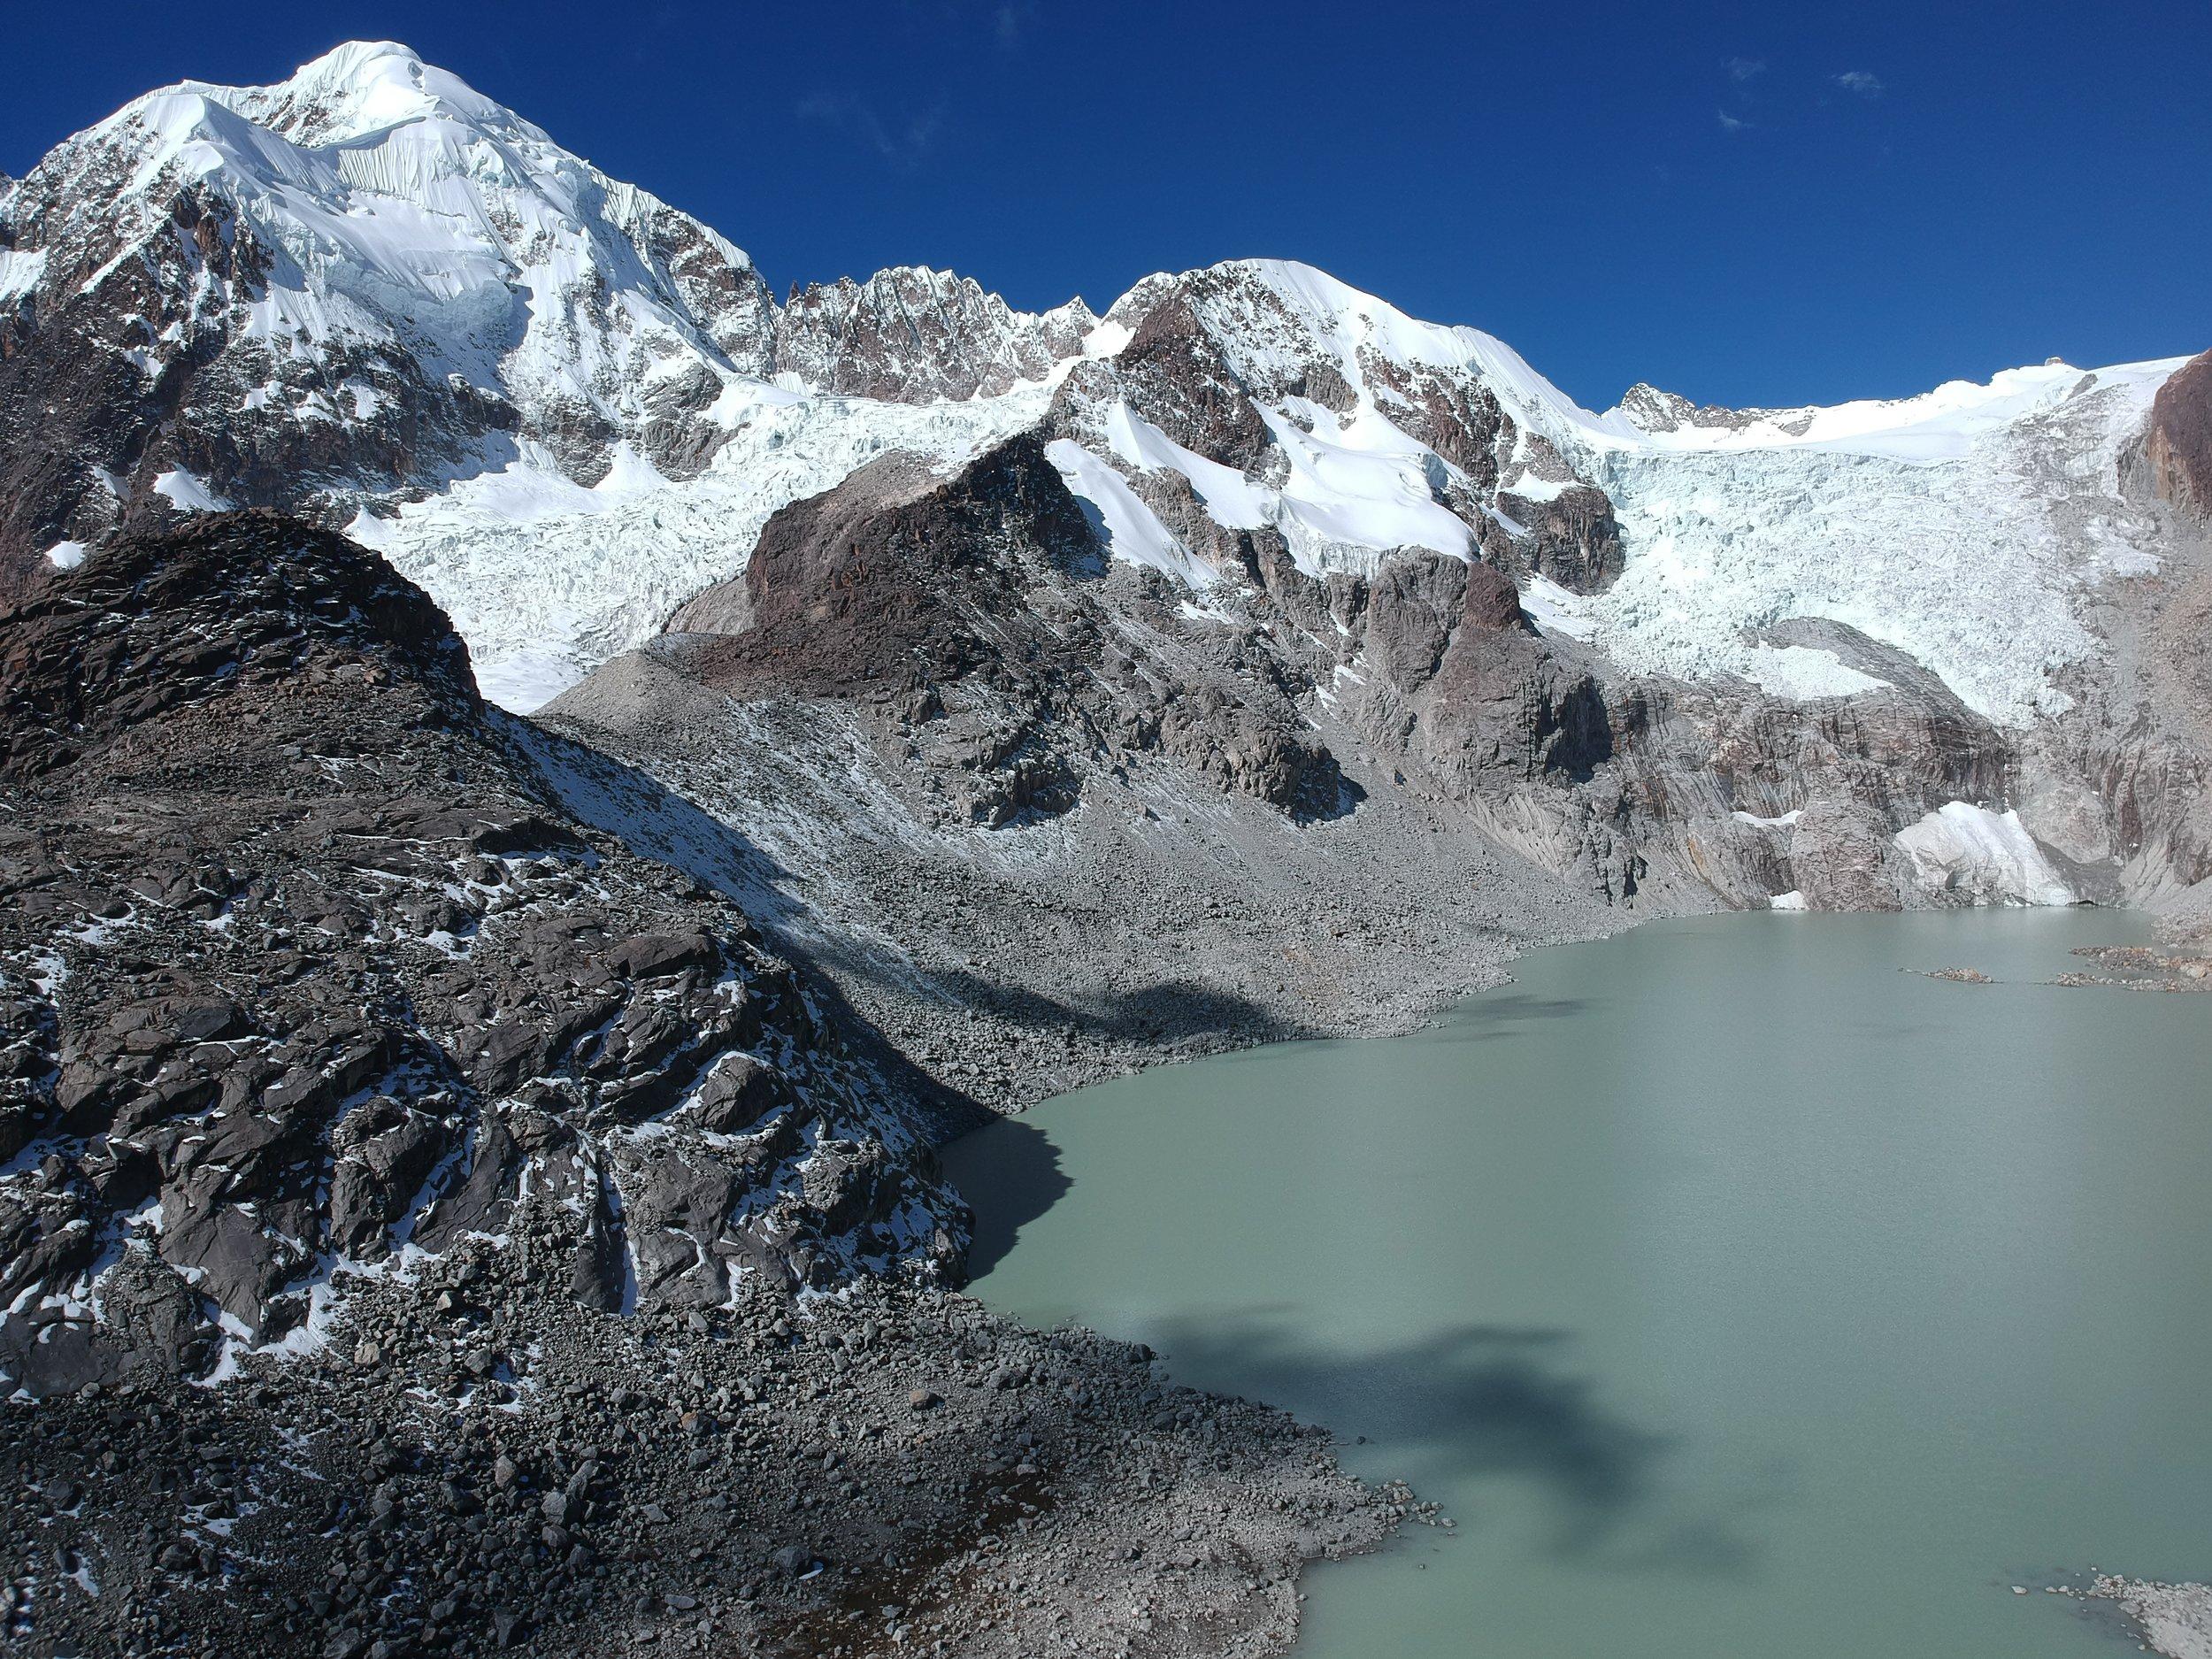 Drone photo of the Laguna Glaciar and Illampu.